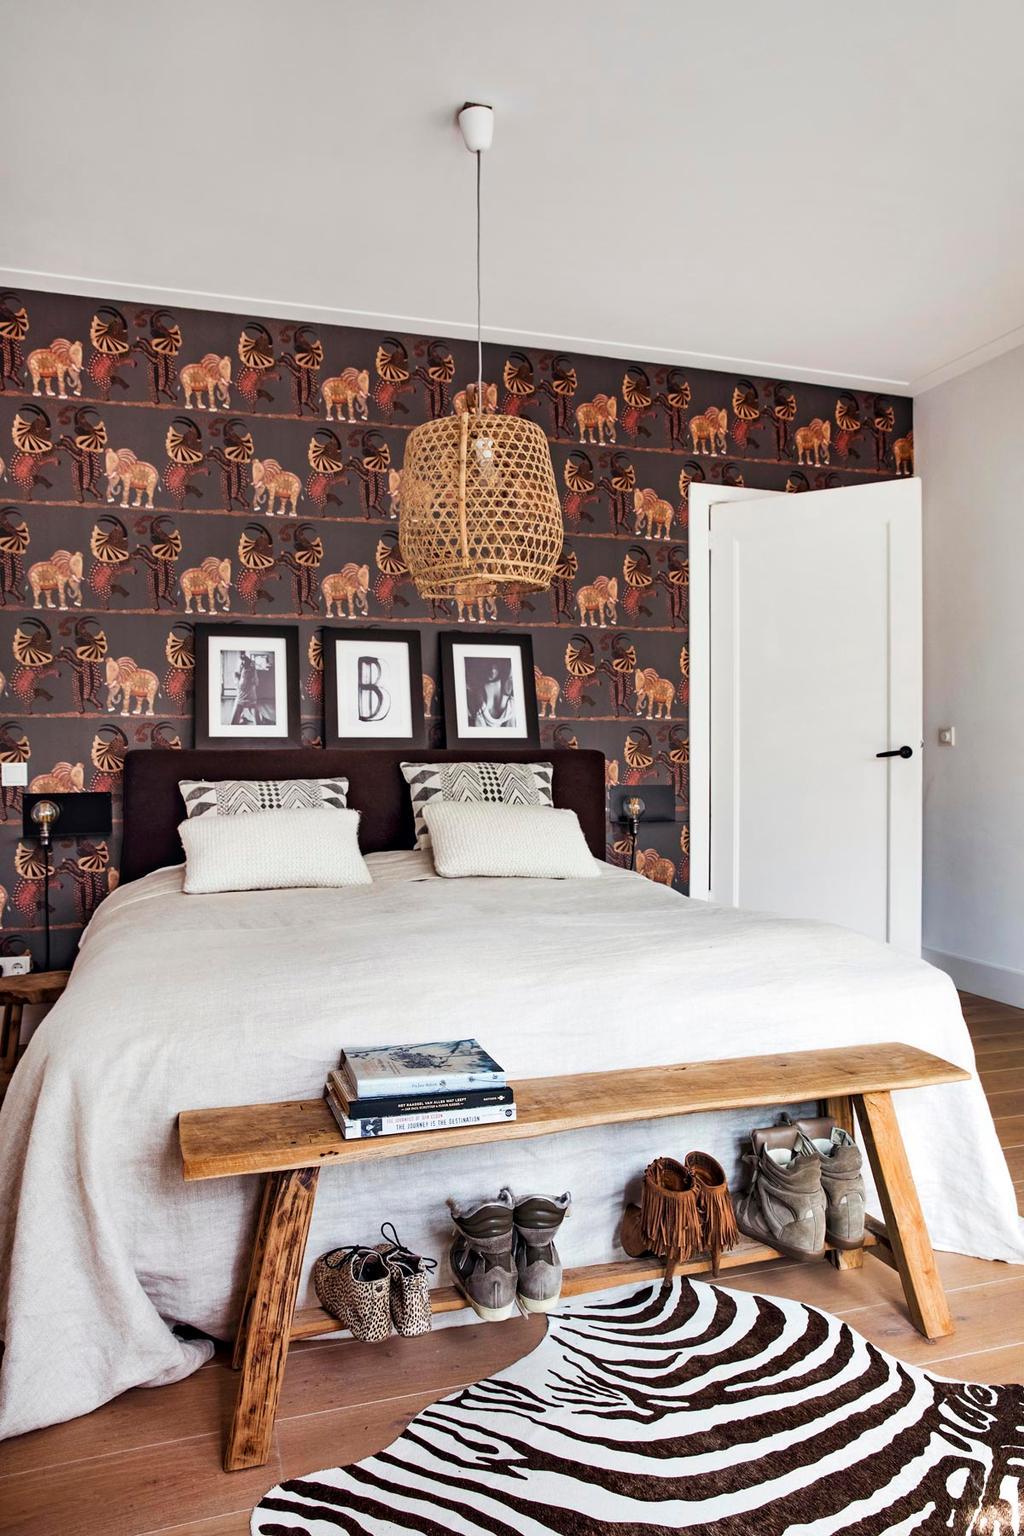 Slaapkamer met safarigevoel door olifantenbehang - De woonzonden van stylist Wendy Verhaegh